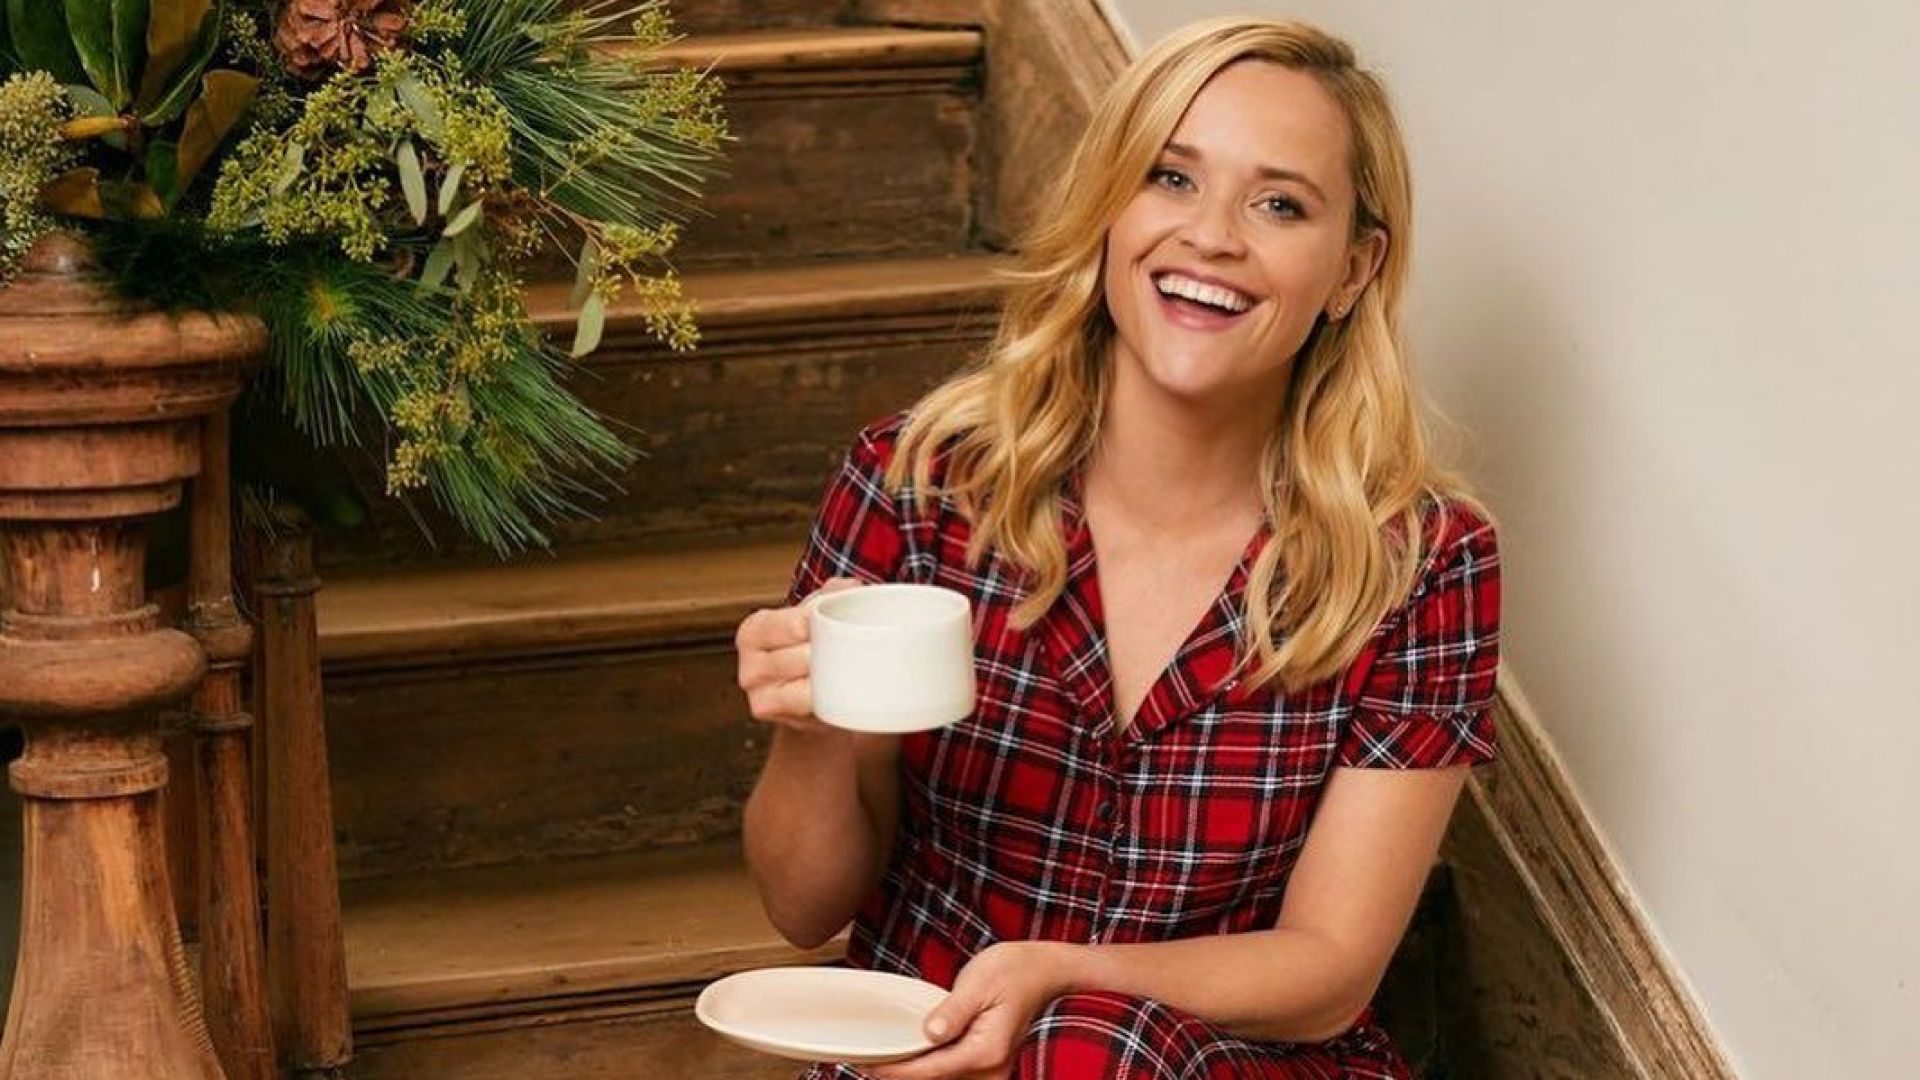 Рийз Уидърспуун успя да накара дъщеря си да се облекат в празнични пуловери